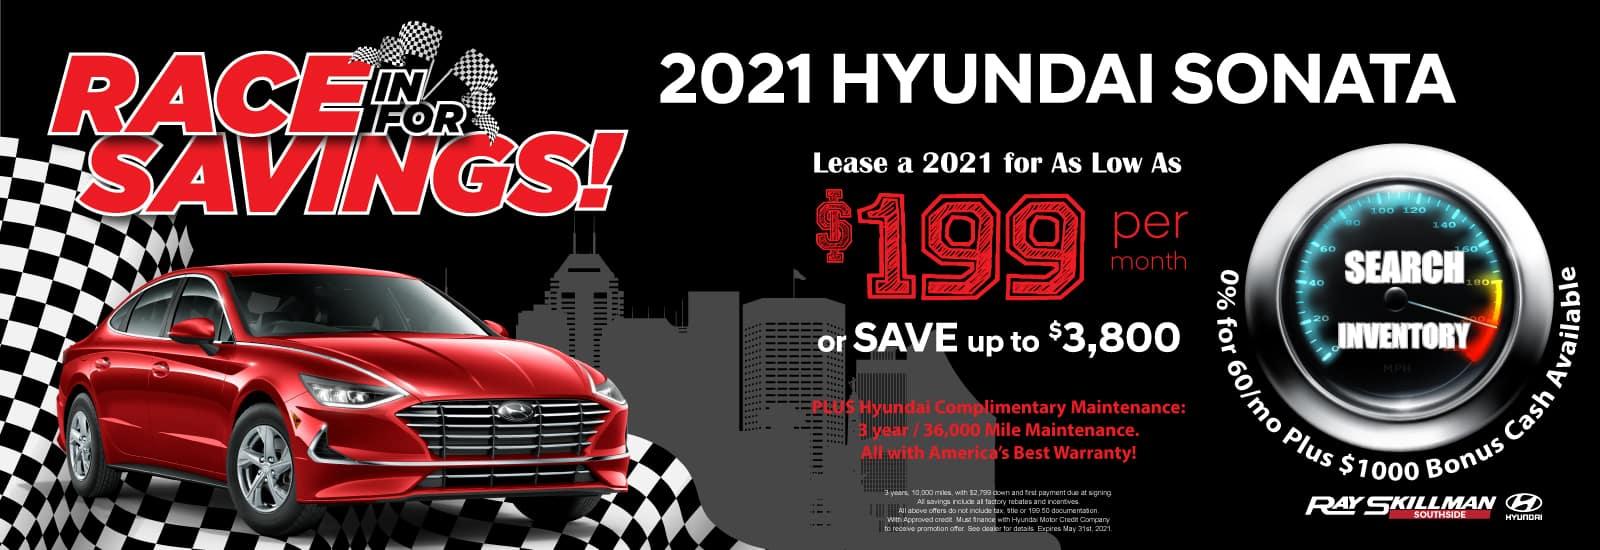 2021-Hyundai-Sonata-Web-Banner-May